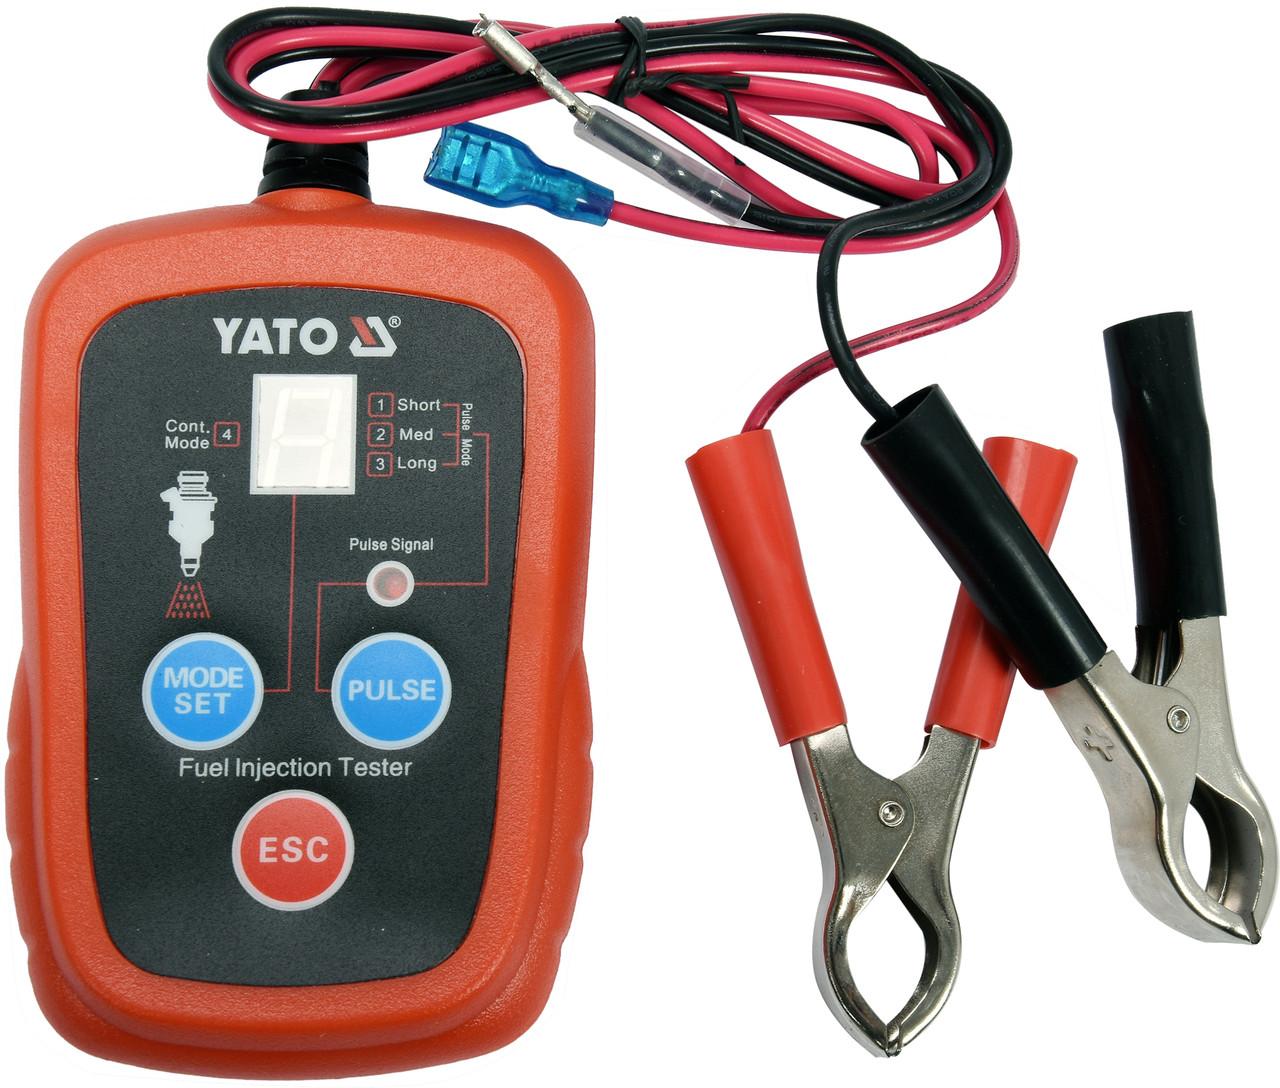 Електронний тестер форсунок для бензинових двигунів YATO YT-72960